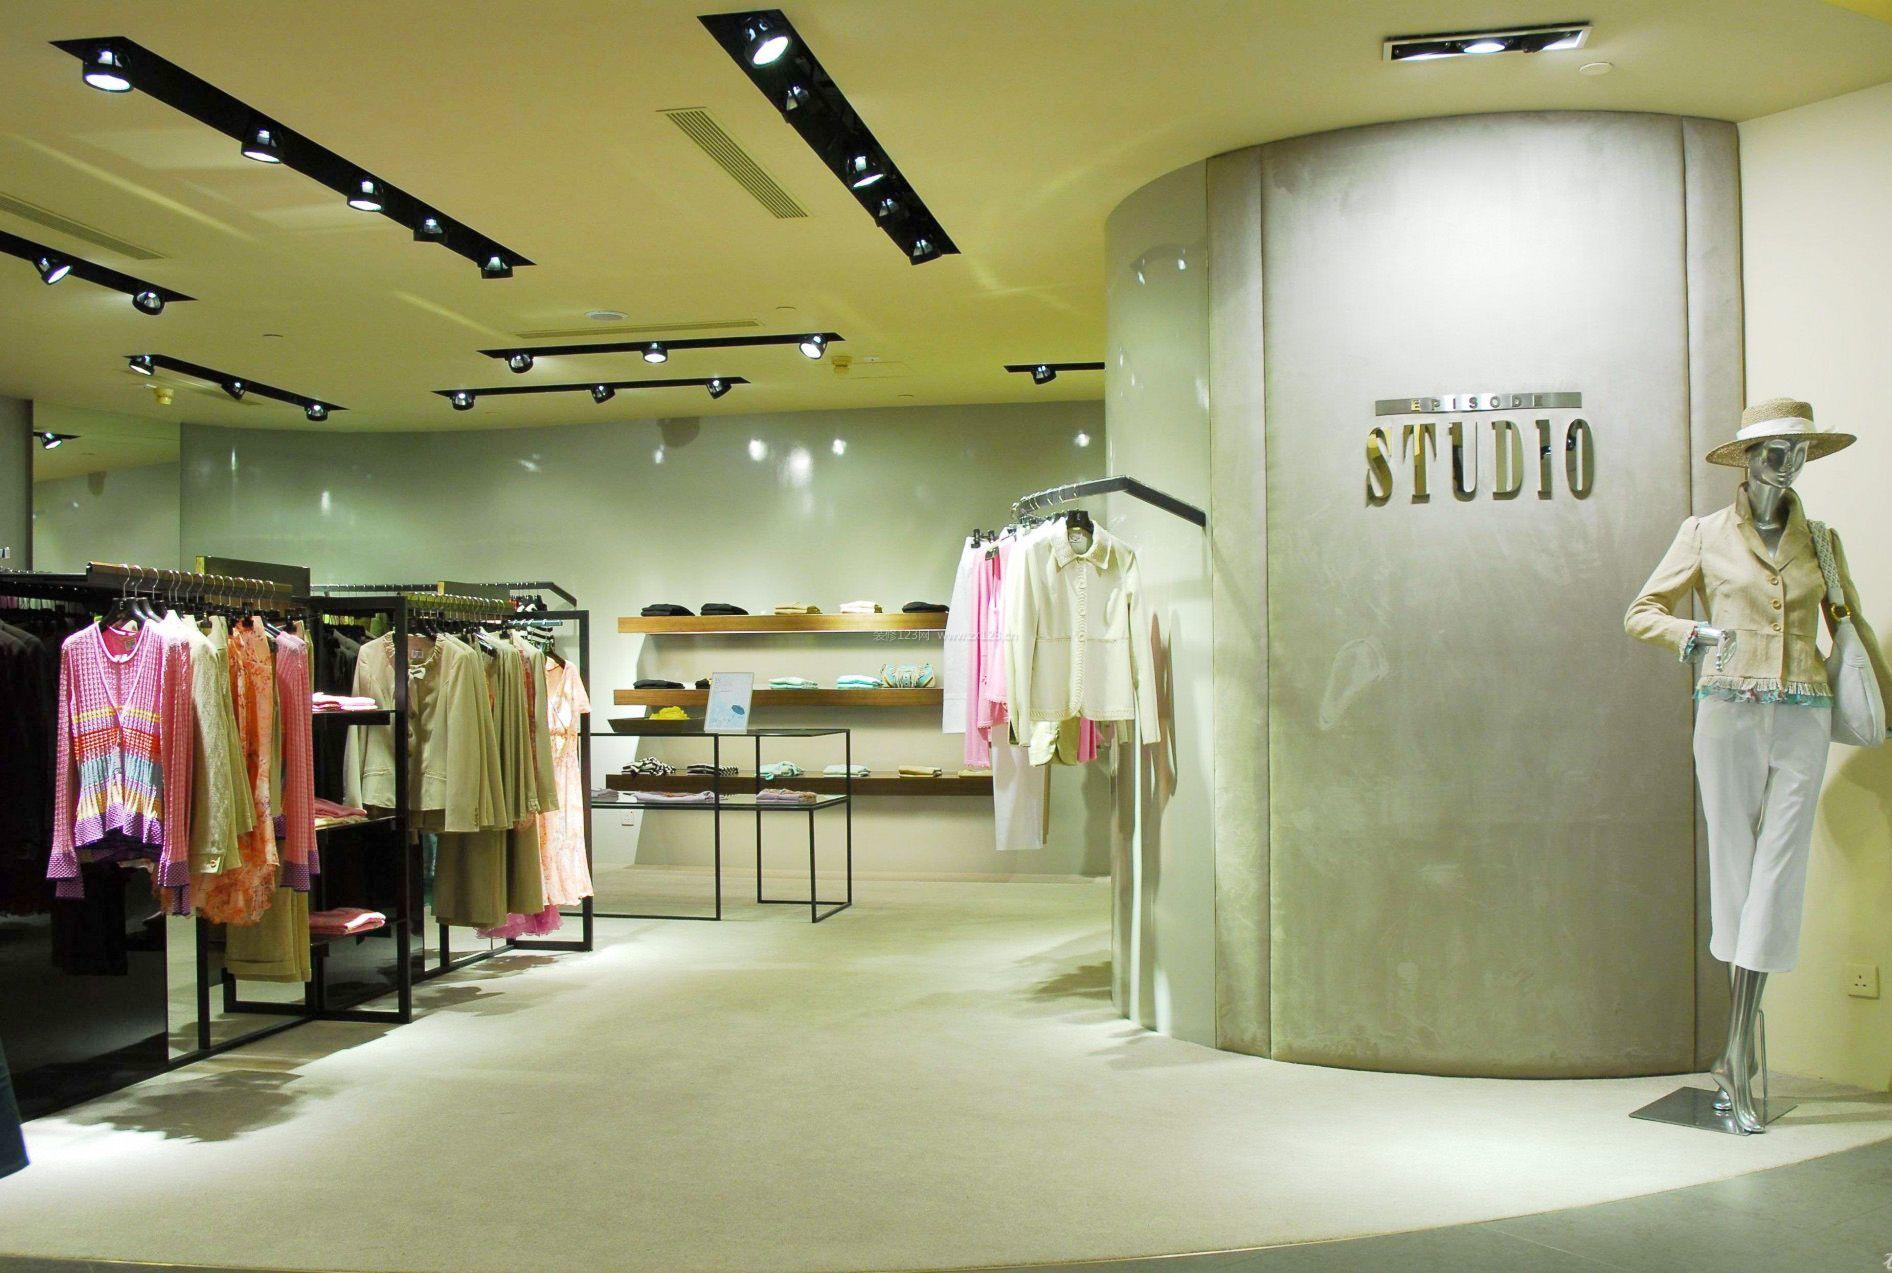 工装效果图 服装店 最新欧美服装店装修风格图片 提供者